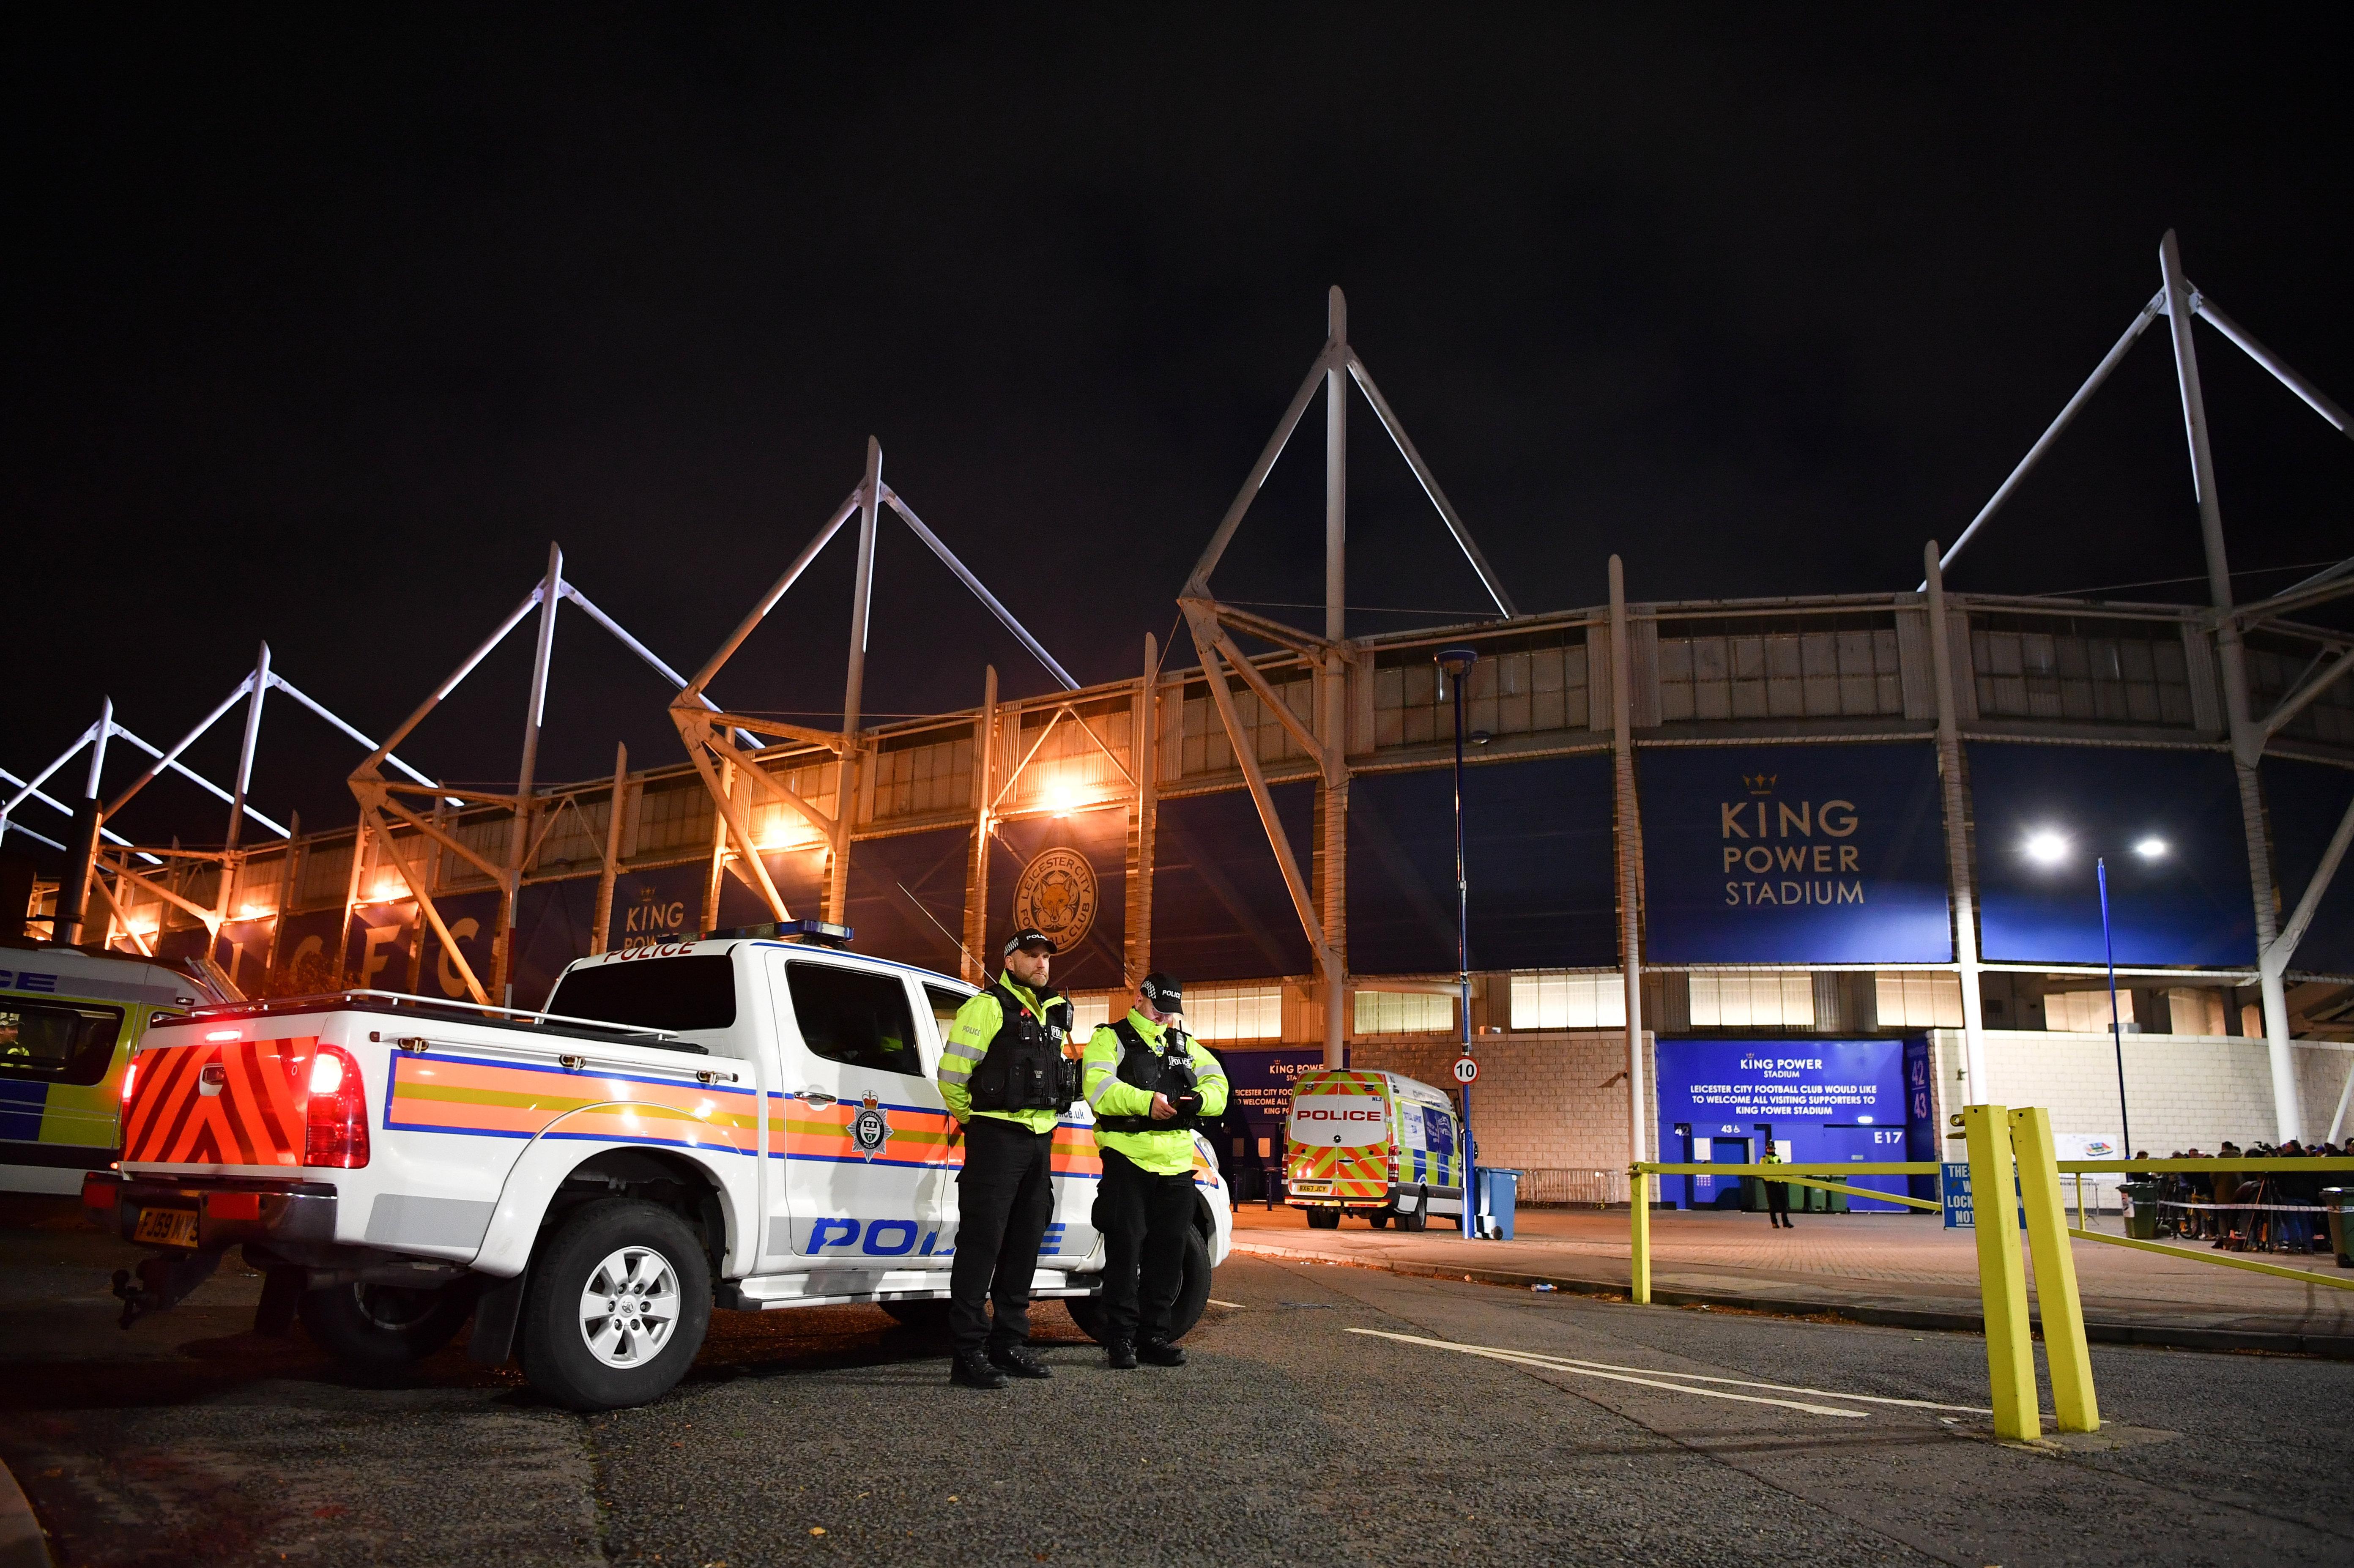 Полицейские на месте крушения вертолета, принадлежащего президенту футбольного клуба Лестер